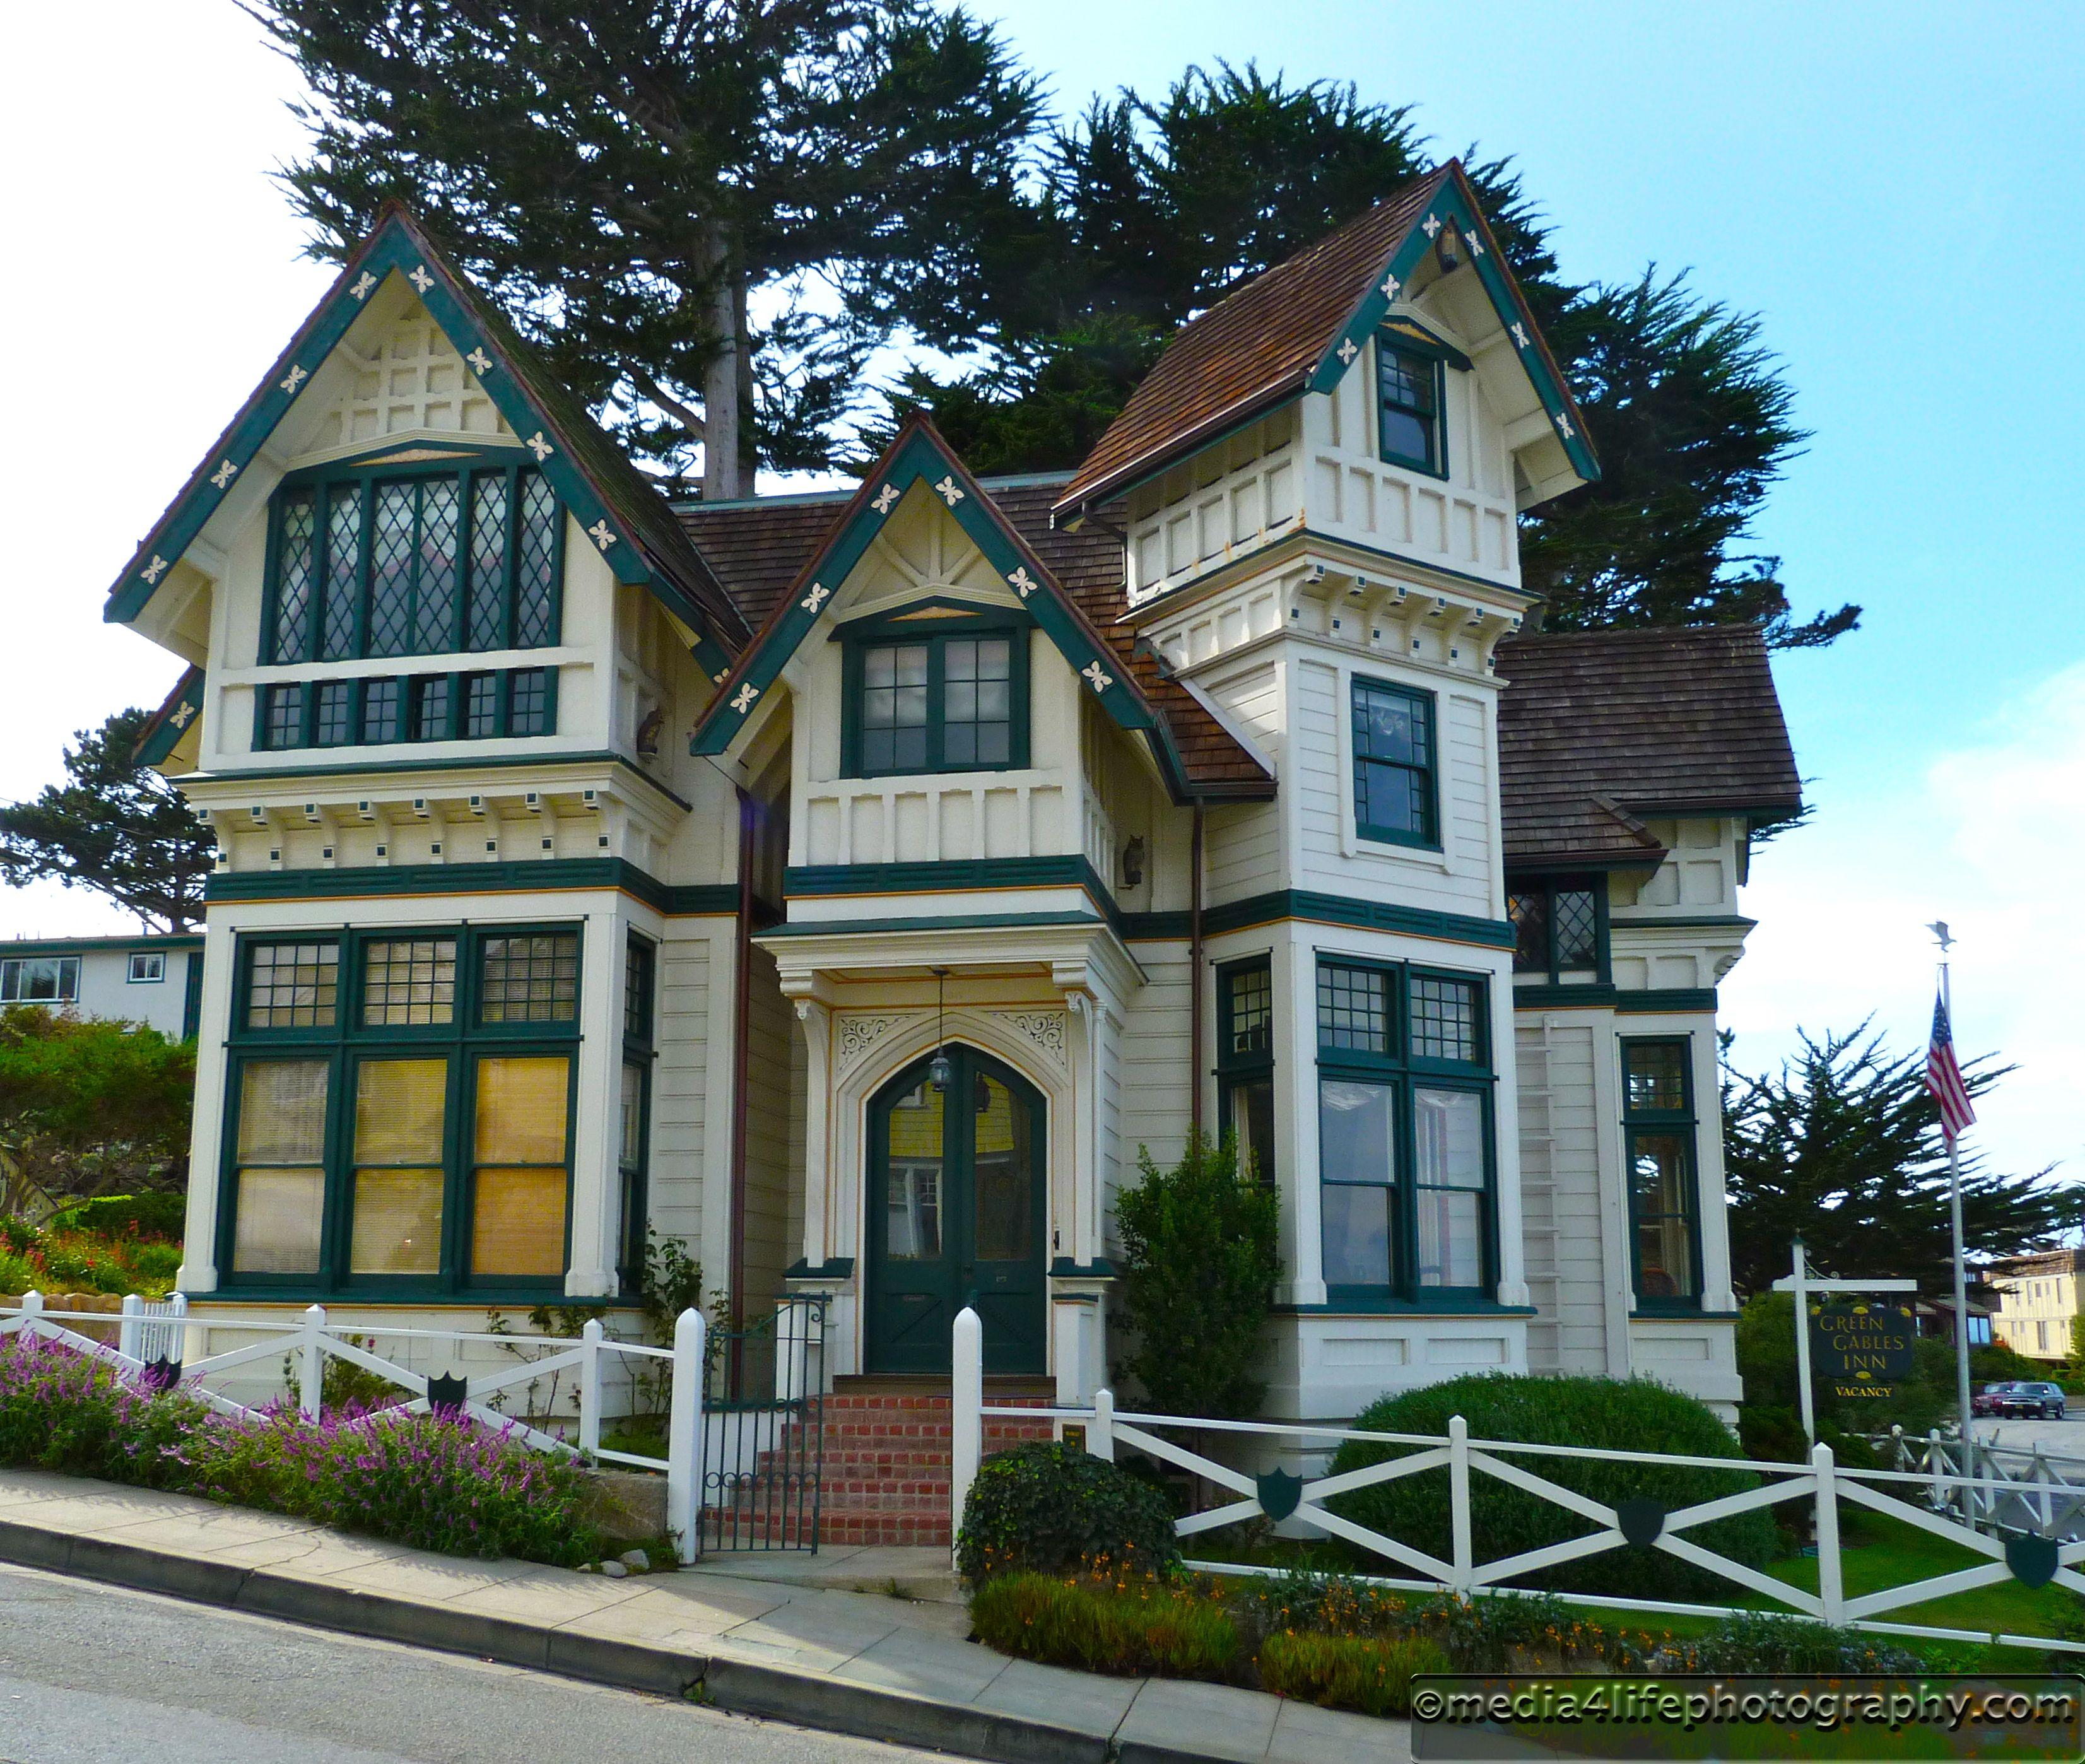 The Green Gables Inn, Pacific Grove